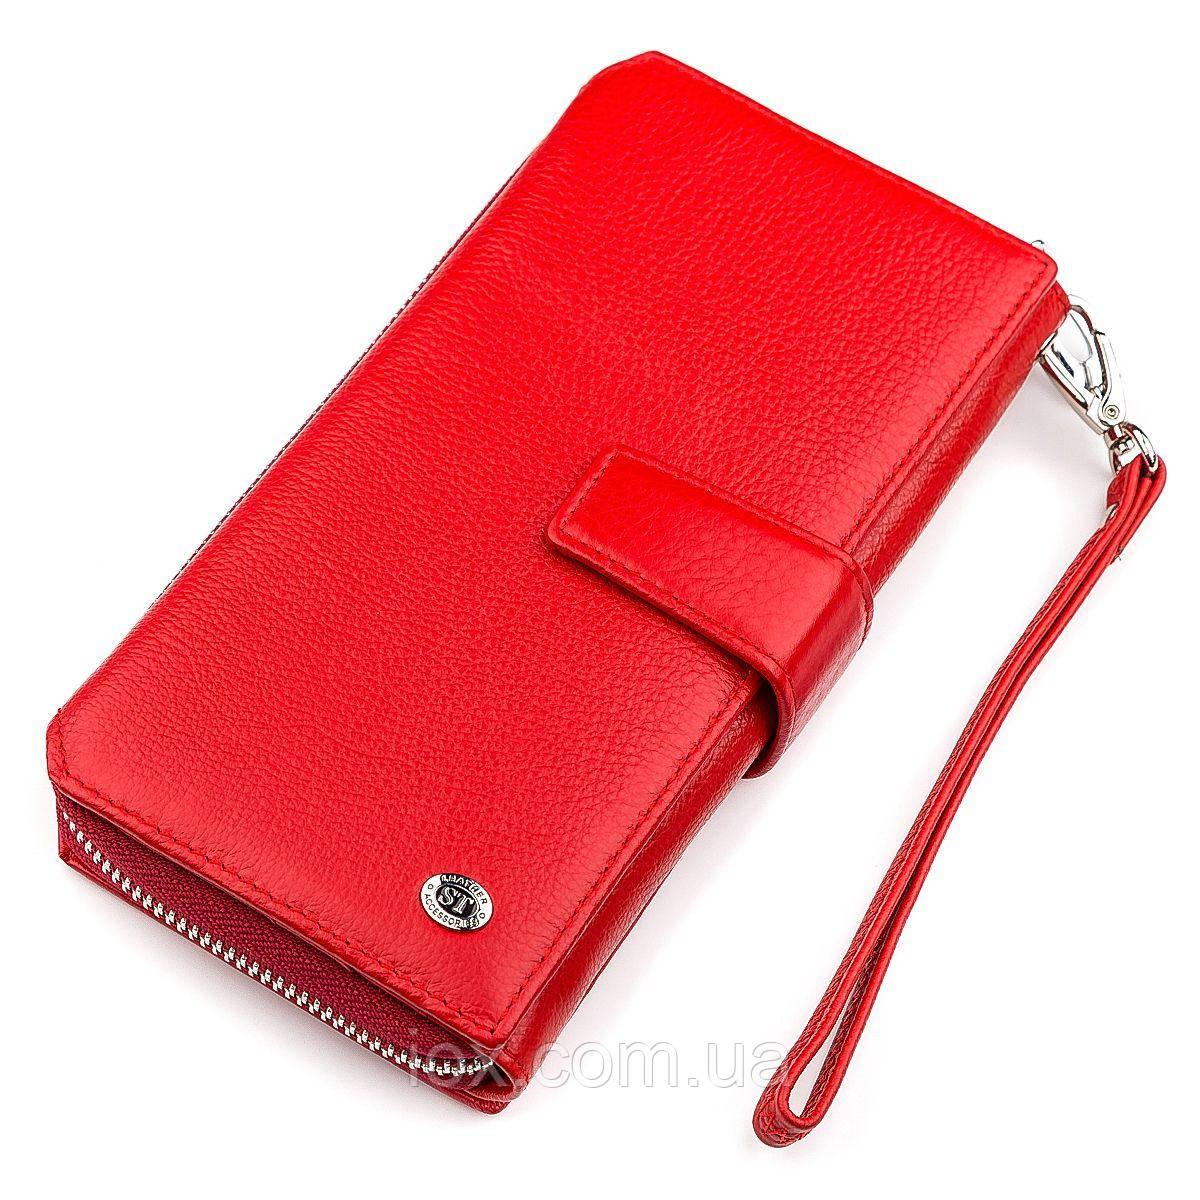 1753de4fa67b Кошелек женский ST Leather 18456 (SТ228) очень красивый Красный, Красный